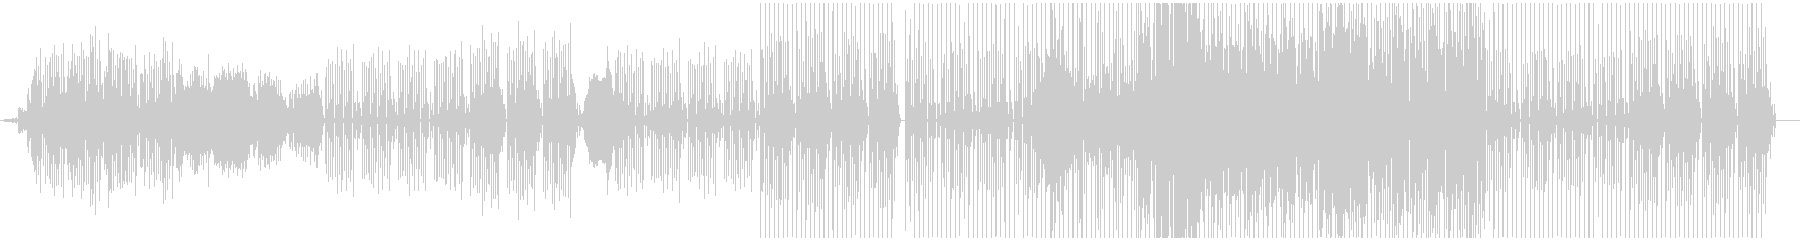 かわいい コミカル マニアックの未再生の波形